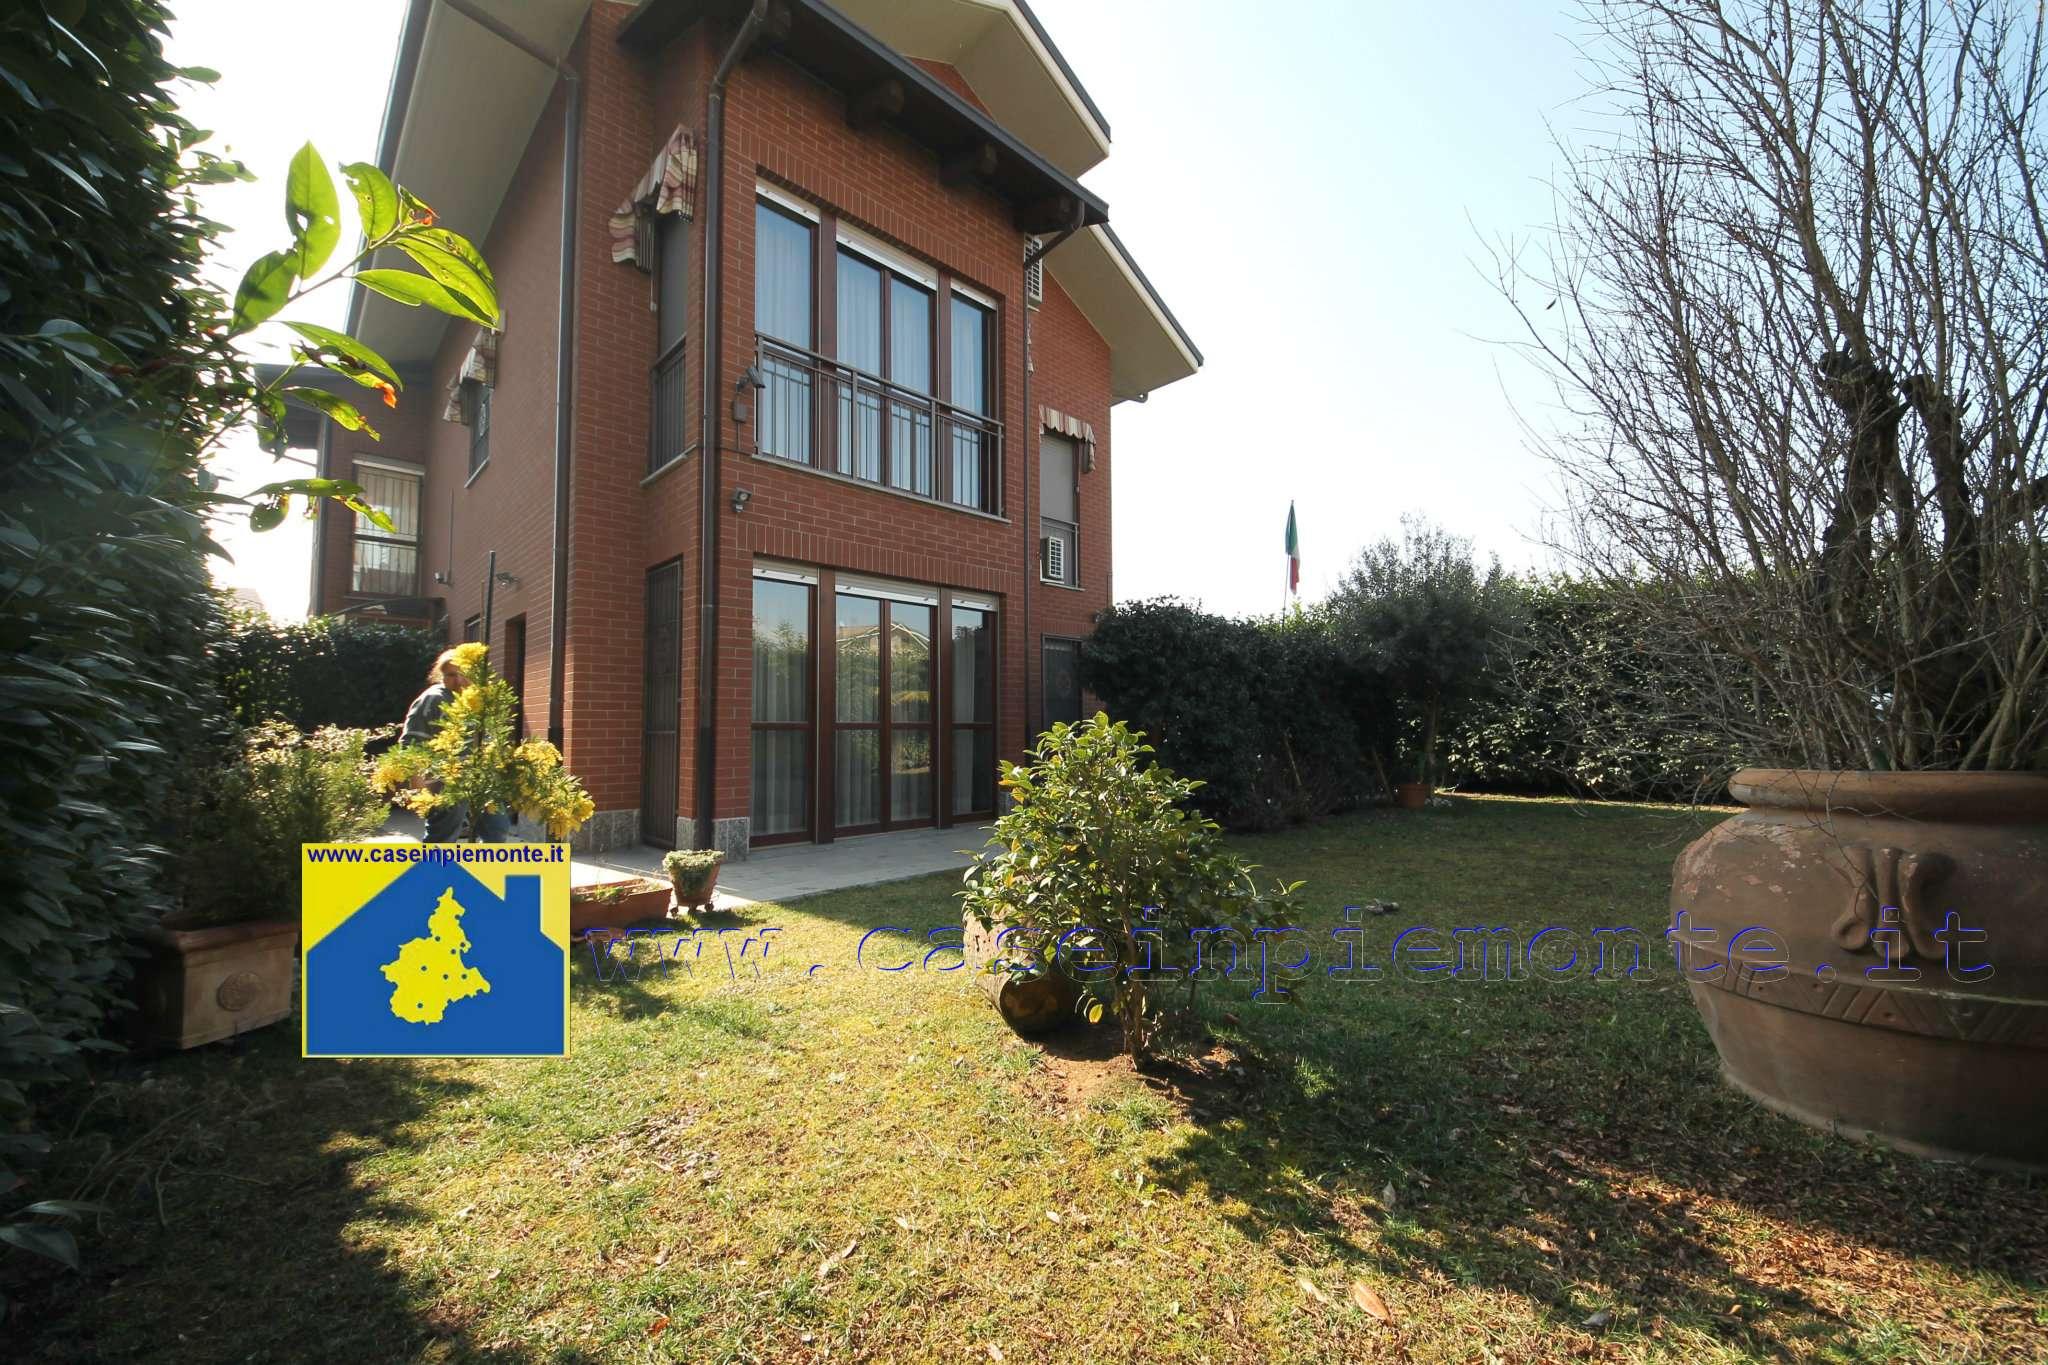 Foto 1 di Villa via Mario Lisa 1, Pianezza